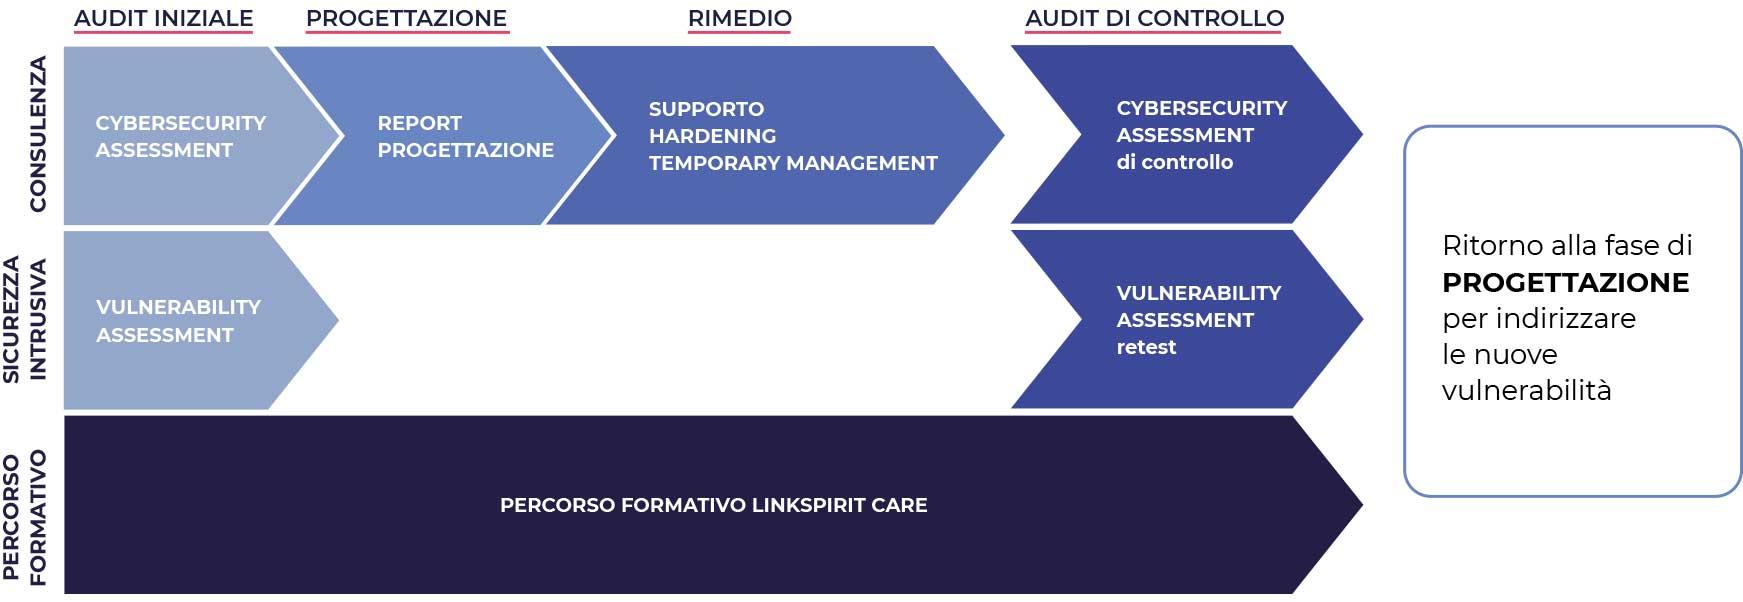 metodo di sicurezza informatica per le imprese strutturate